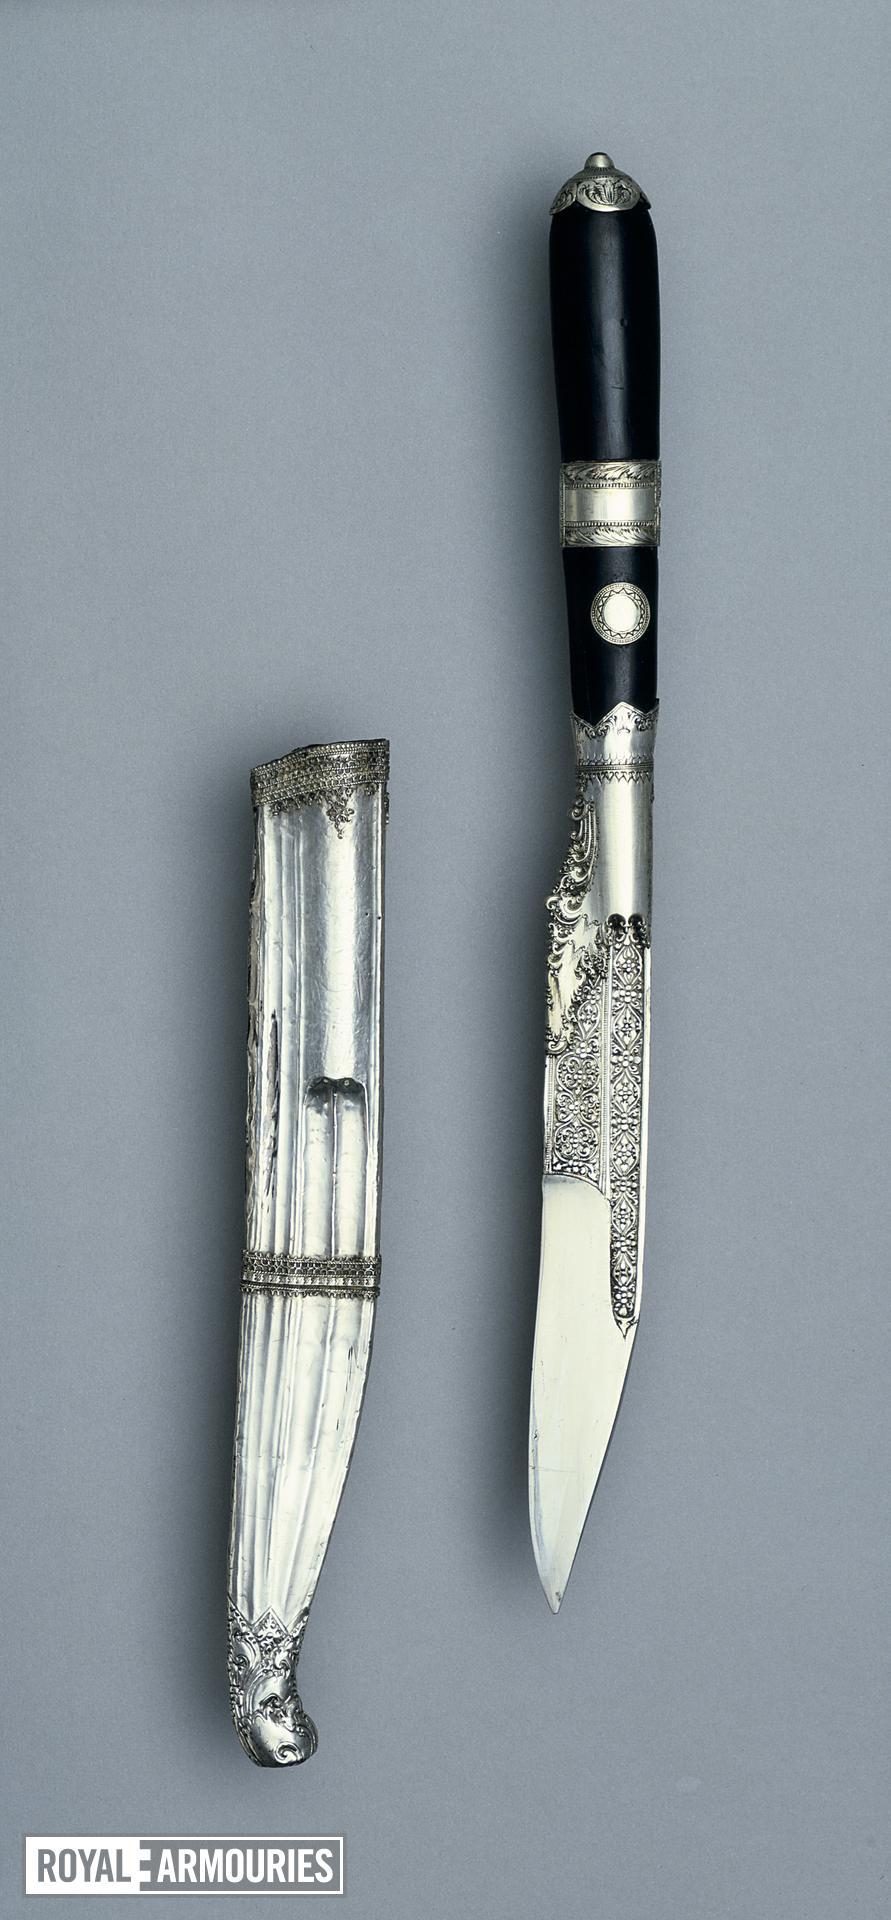 Dagger (piha kaetta) and scabbard Dagger (piha kaetta) with silver scabbard